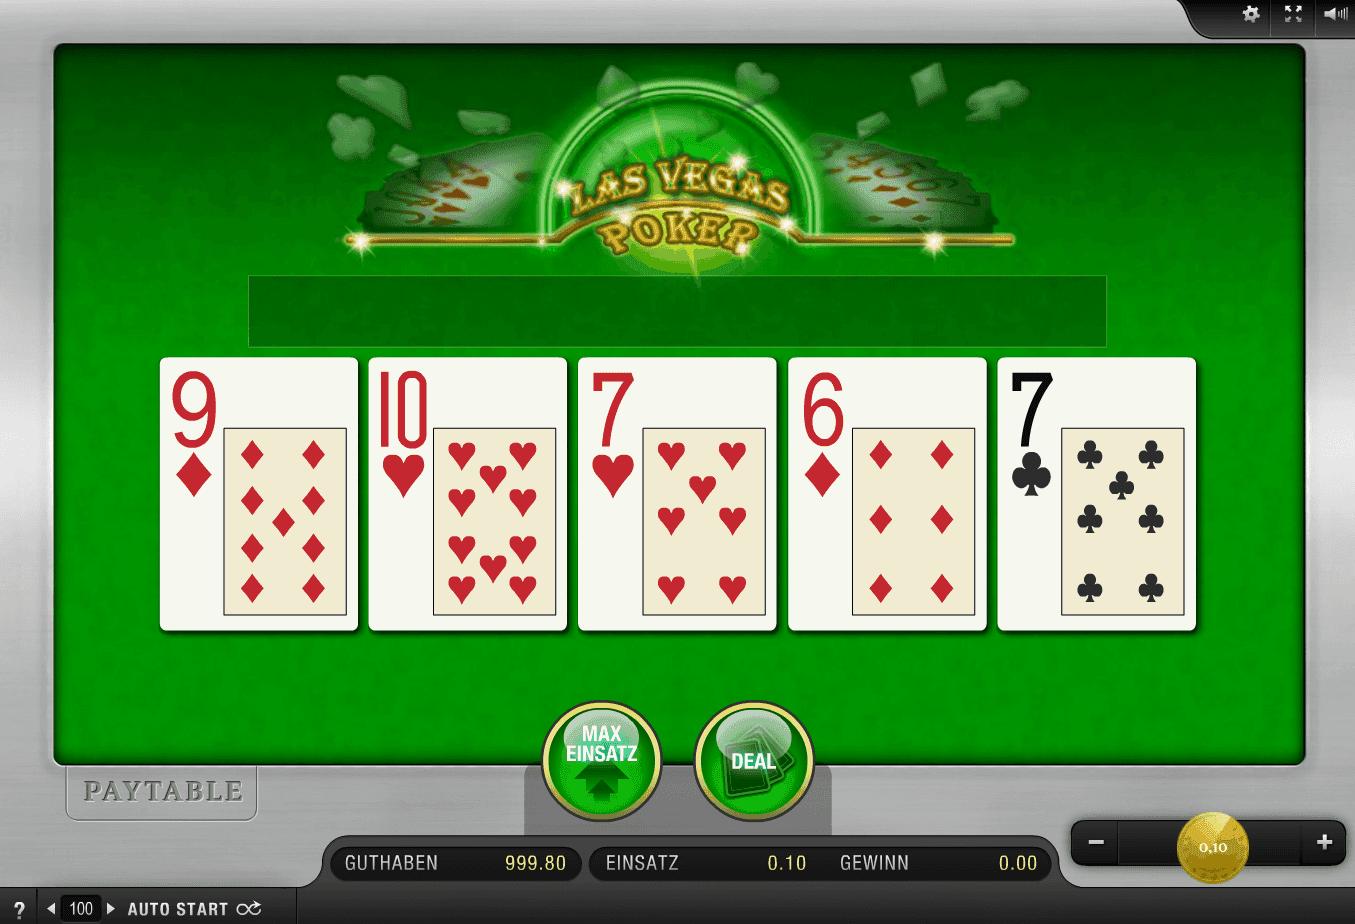 Kostenlos Pokern